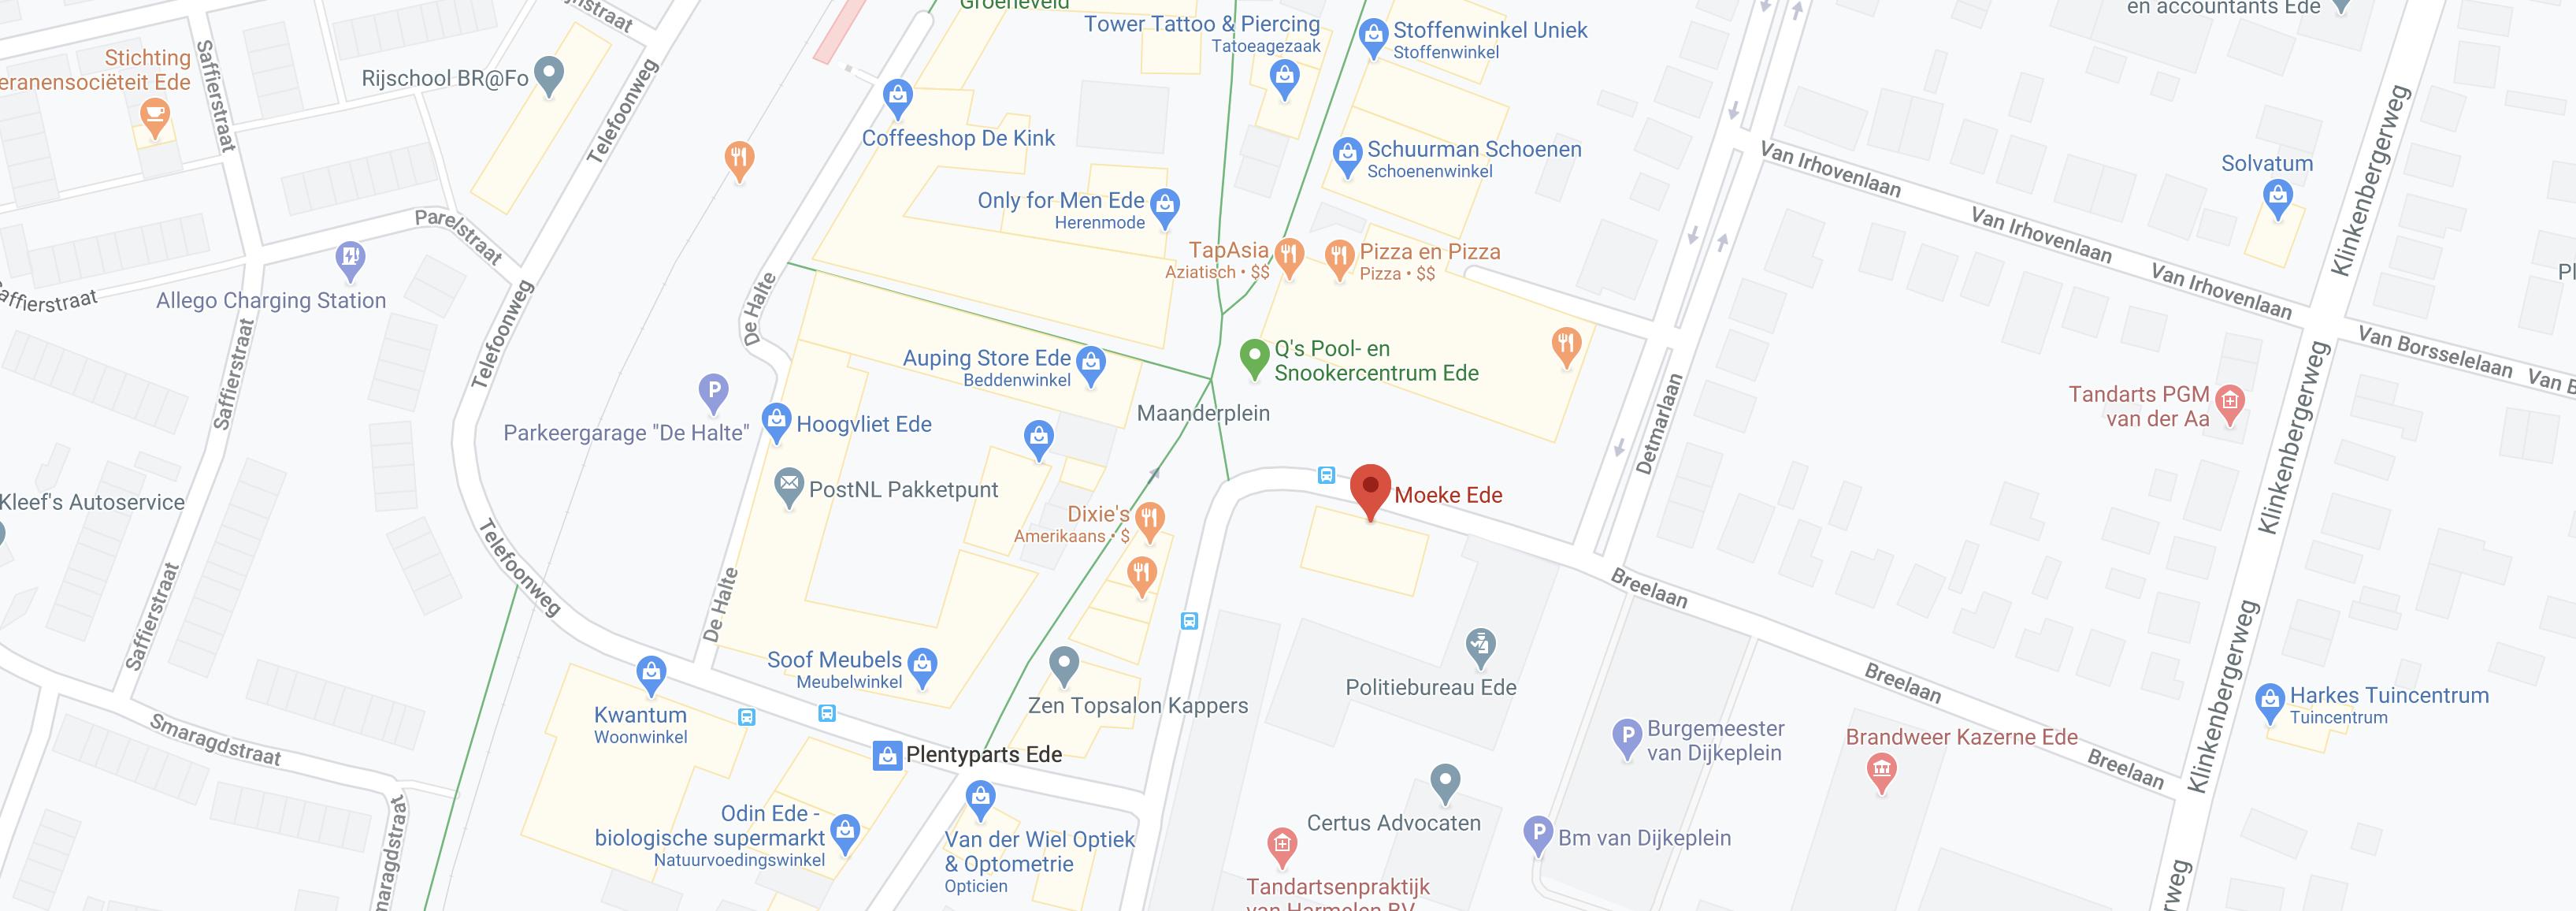 Moeke Ede Google Maps.png